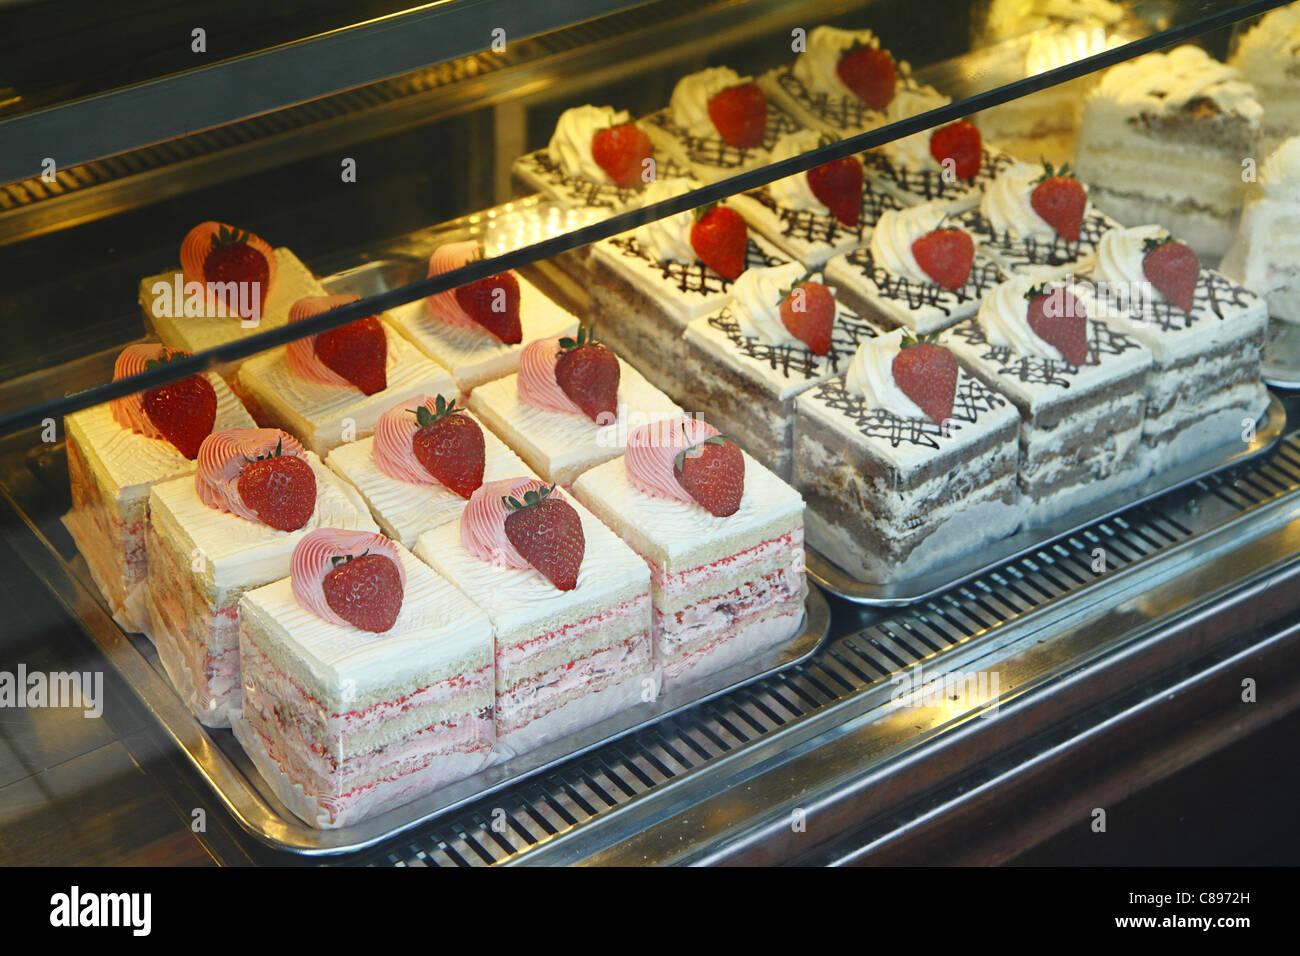 Crema di fragole dolci di pasticceria, London, Regno Unito Immagini Stock